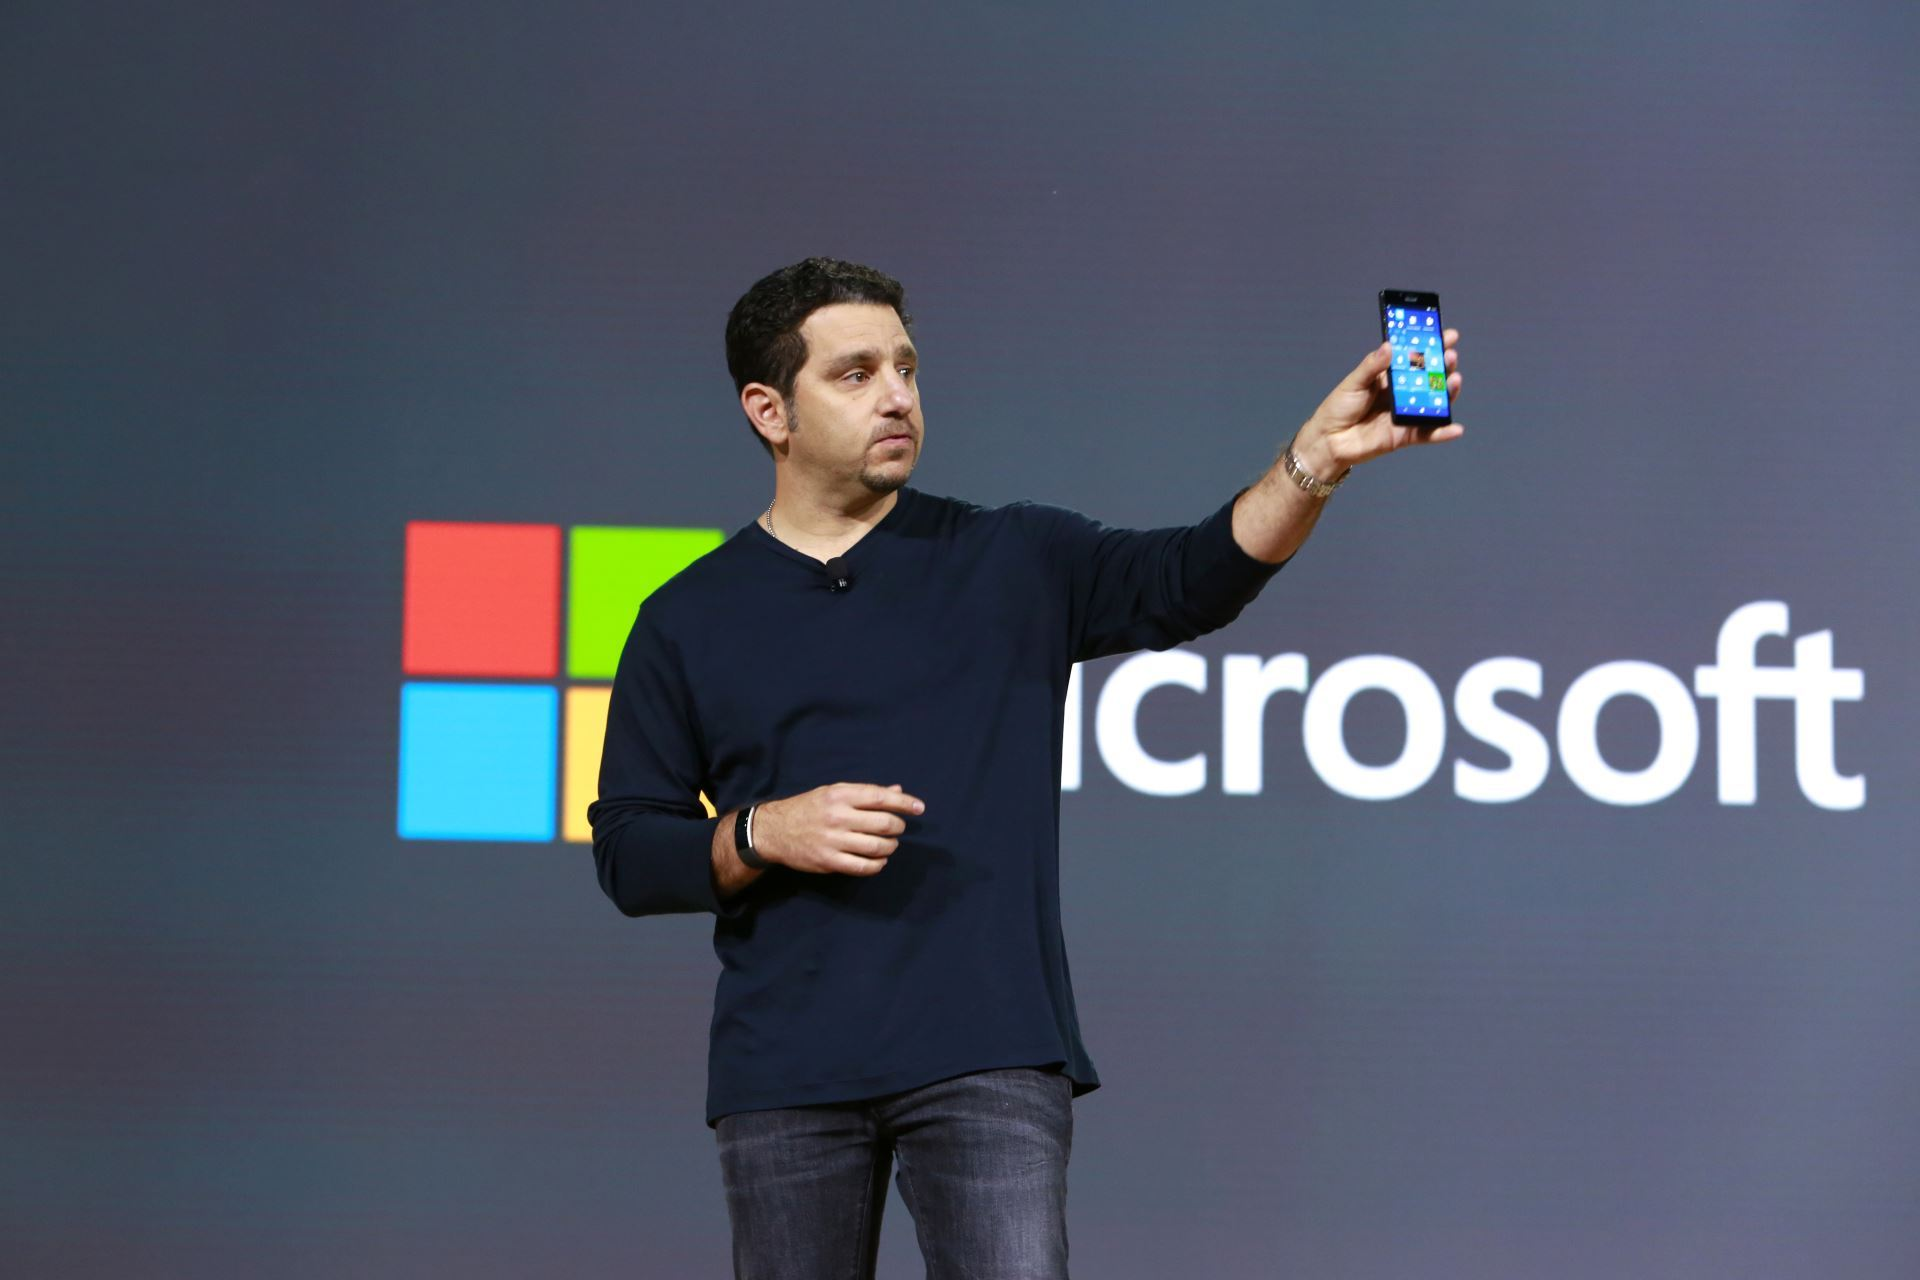 Microsoft vient-il d'annoncer son retrait du marché des smartphones ?